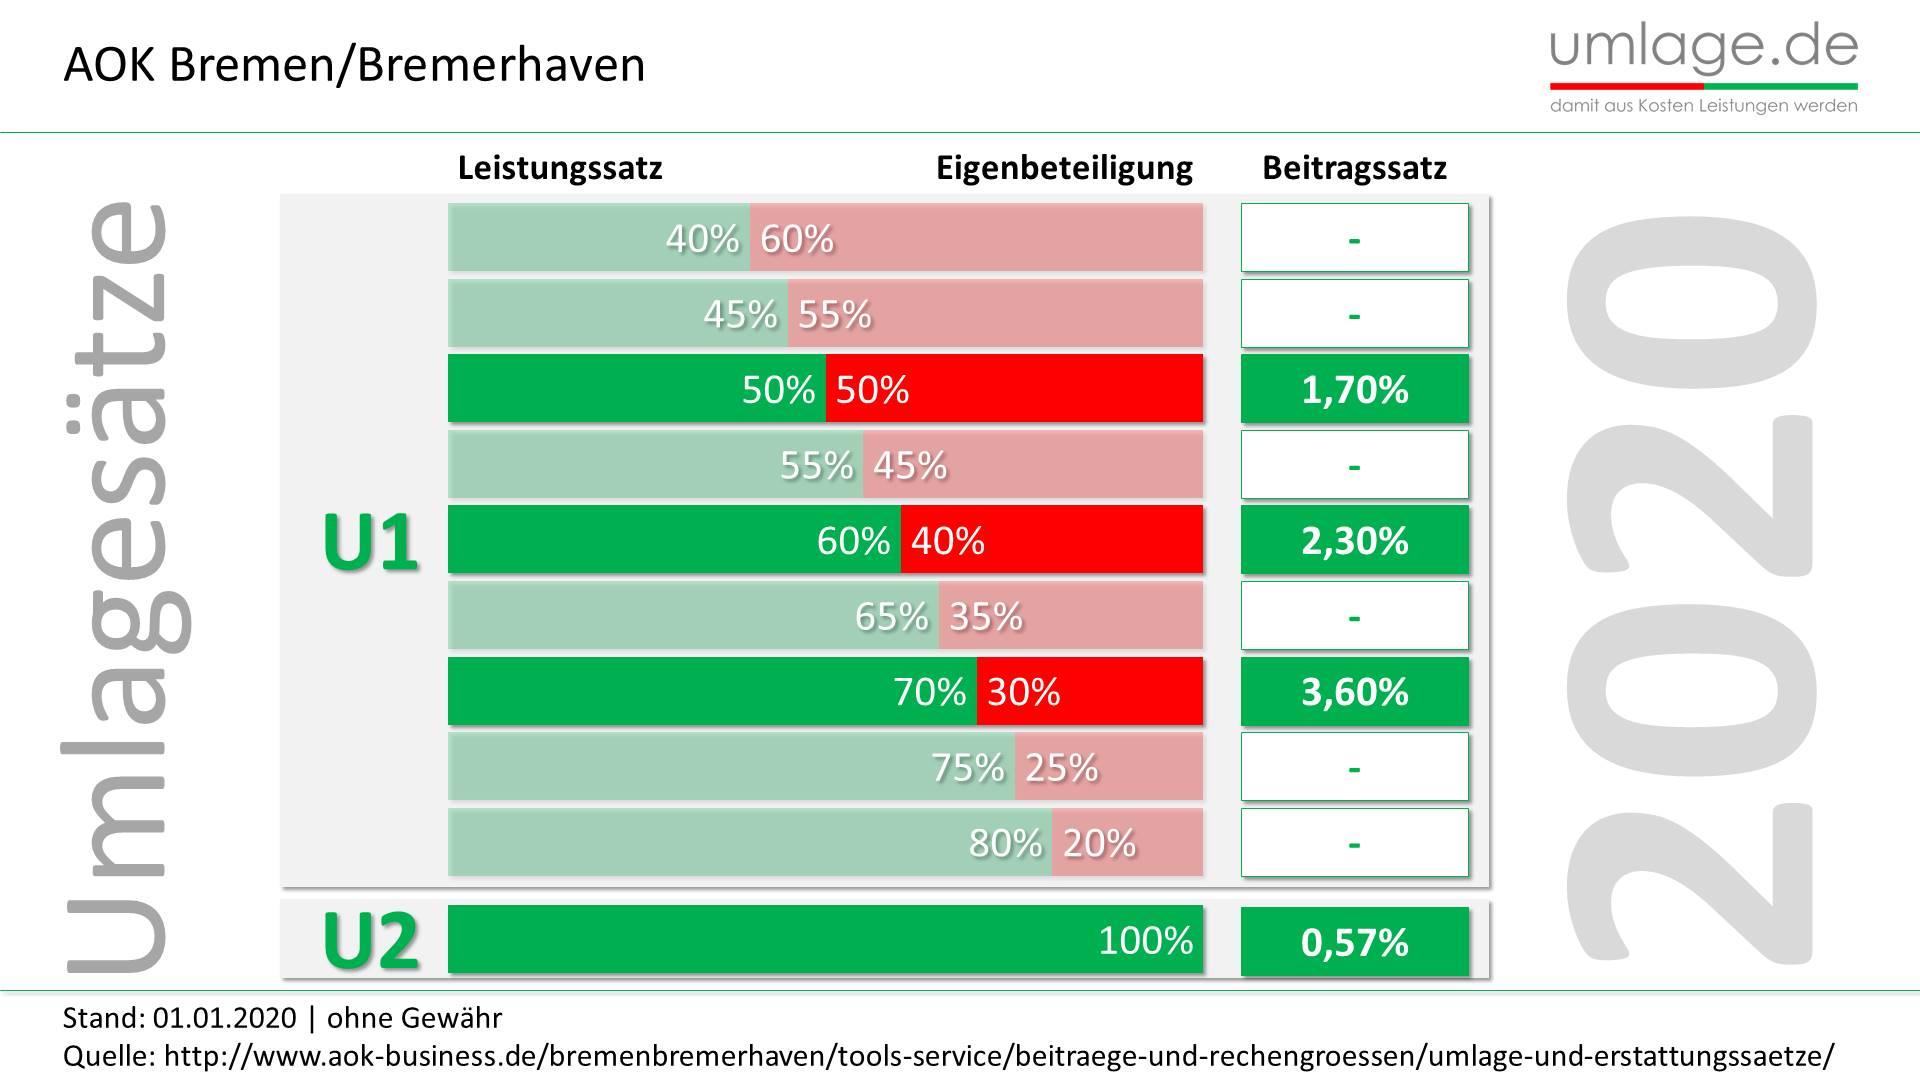 AOK Bremen bremerhaven Umlagesätze 2020 aktuell